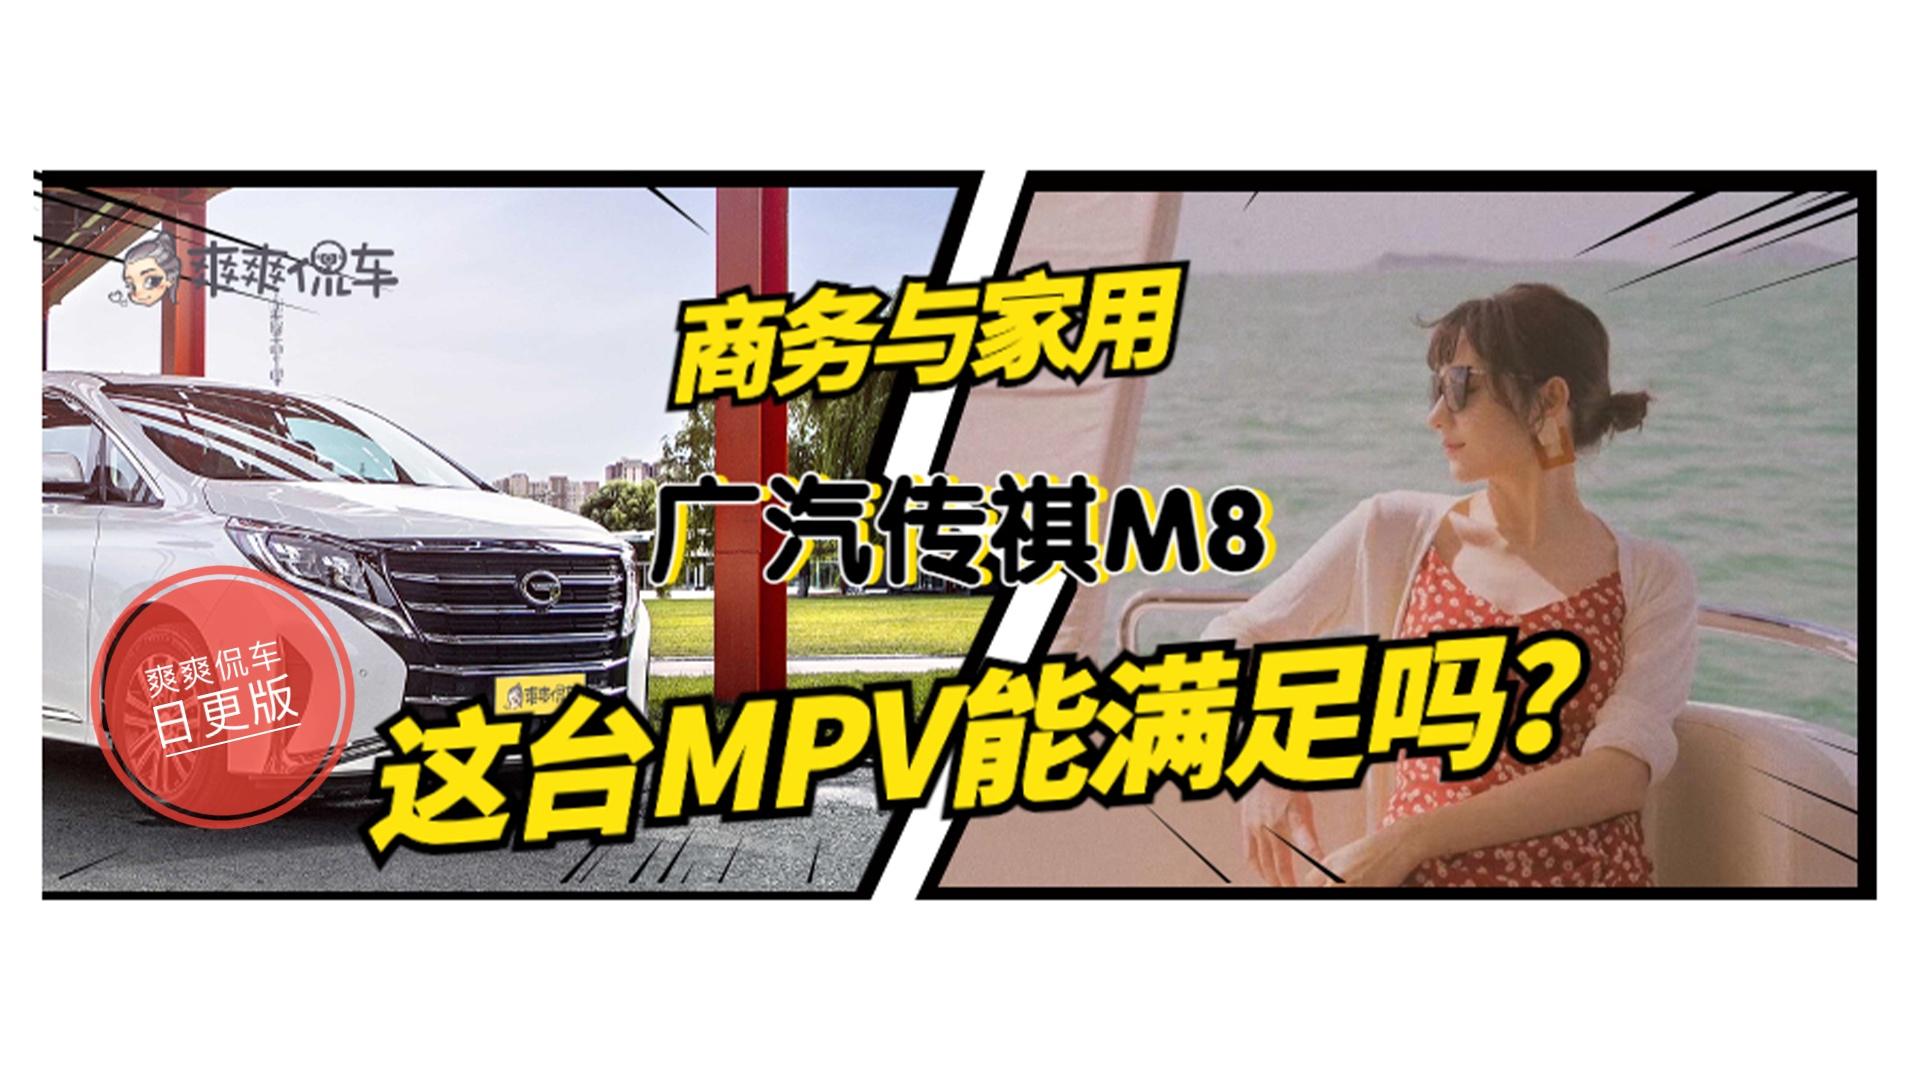 商务与家用,这台自主MPV能满足吗?